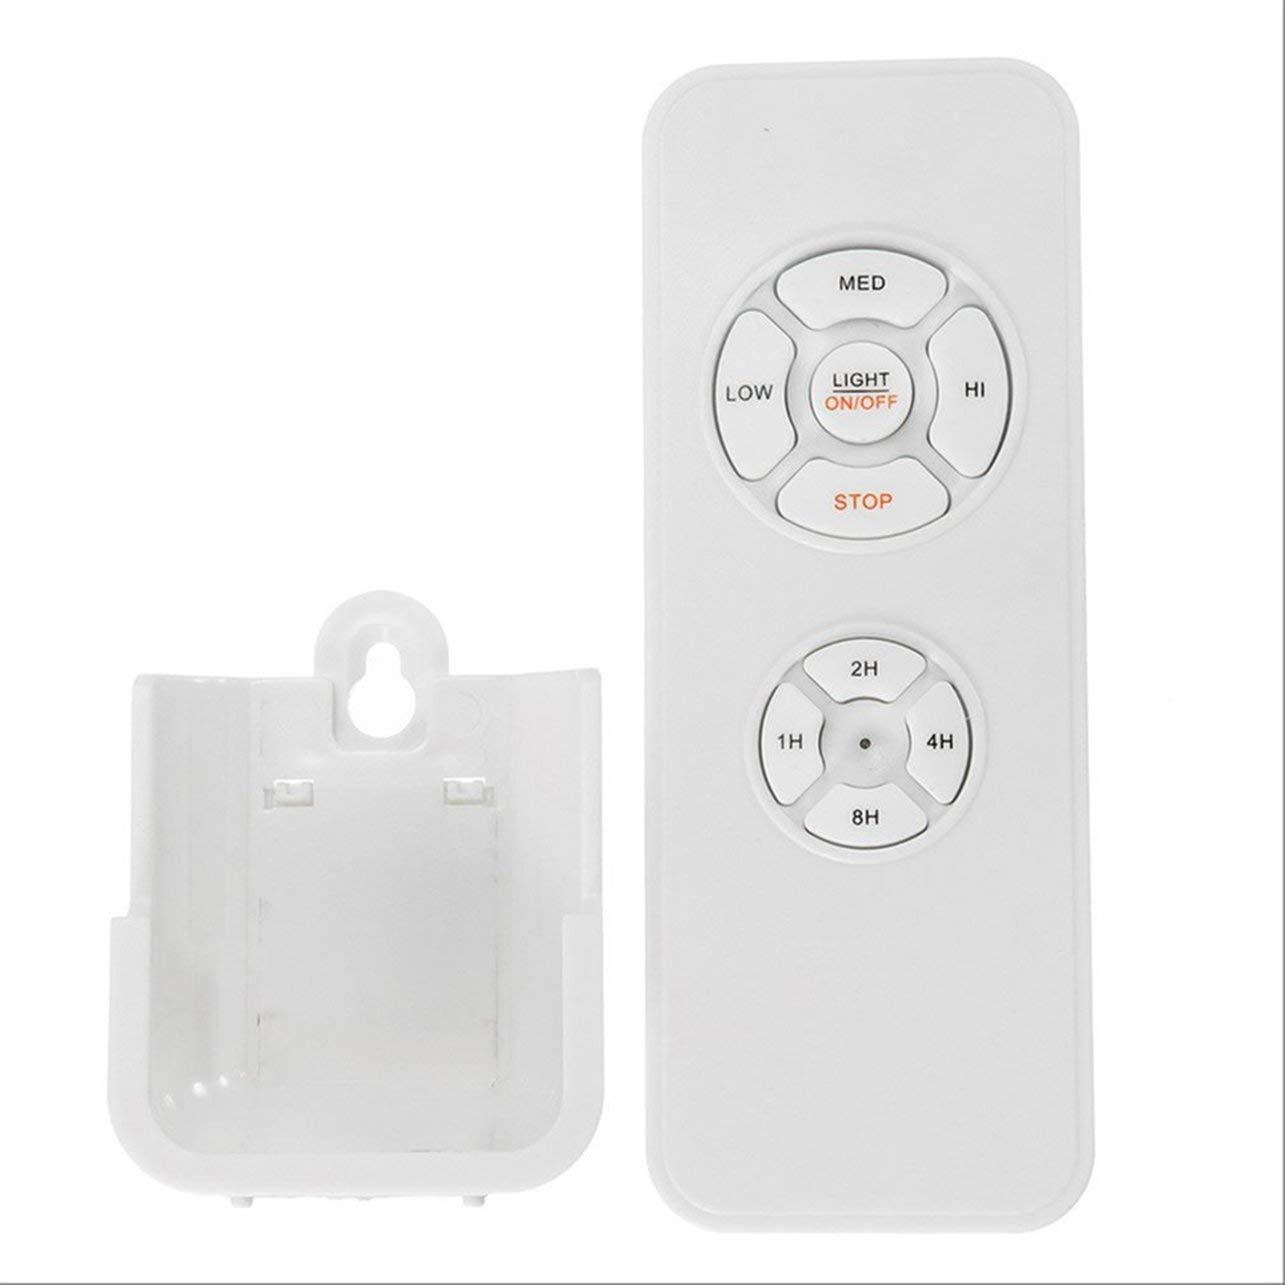 WOSOSYEYO Universale Ventilatore a soffitto Lampada Telecomando Kit 110-240V Timing Control Switch Wireless Receiver Adjusted velocit/à del Vento trasmettitore